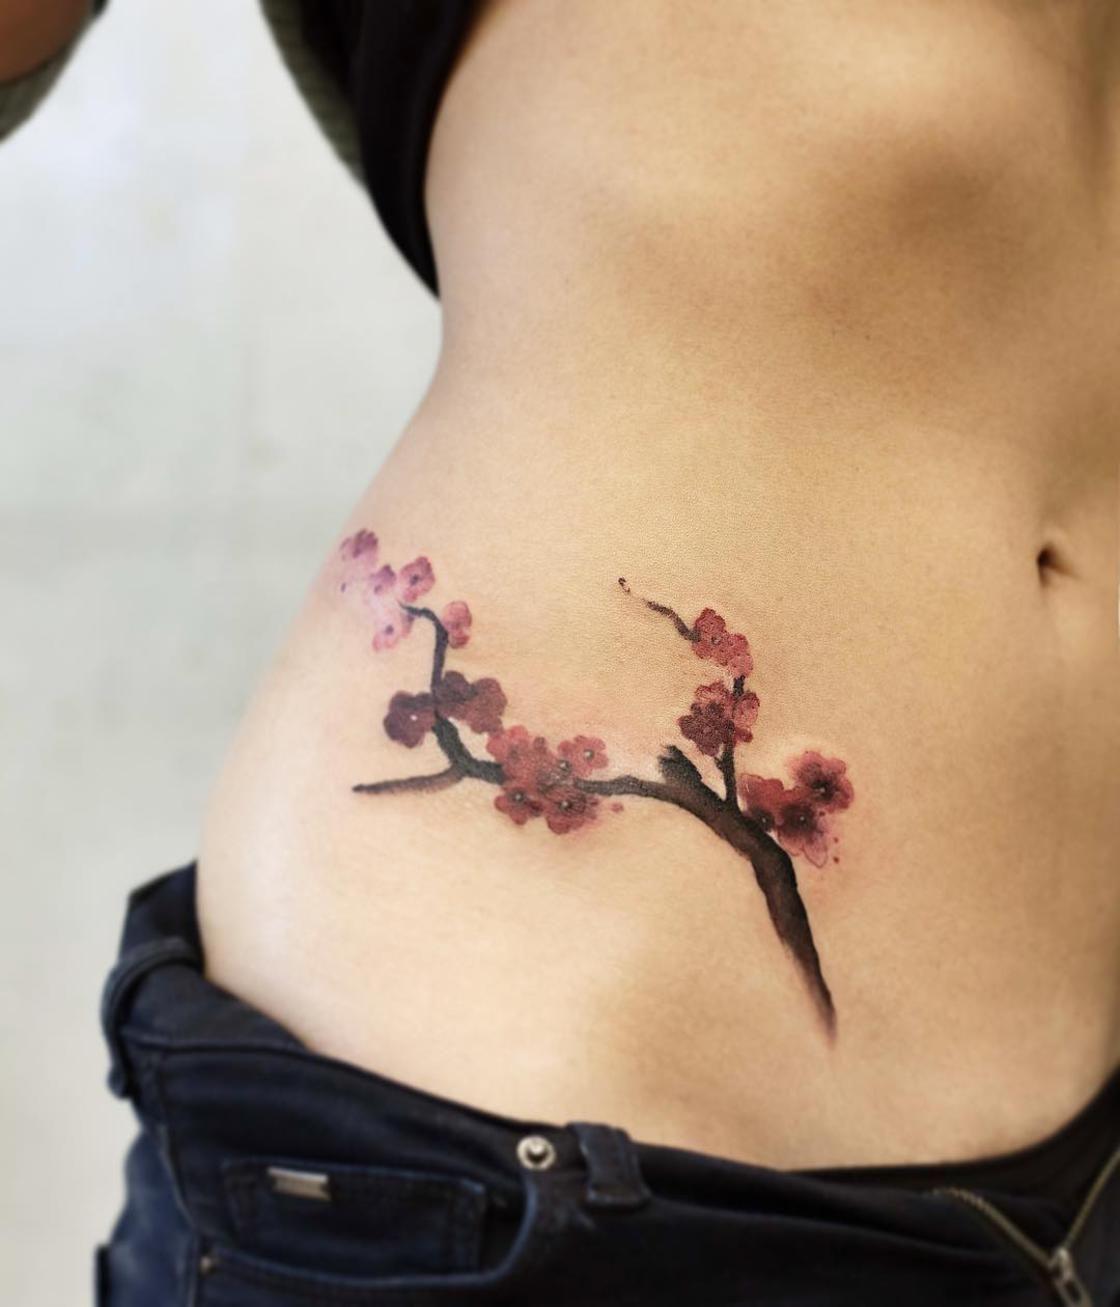 Impresionantes tatuajes de flores en el abdomen de una mujer